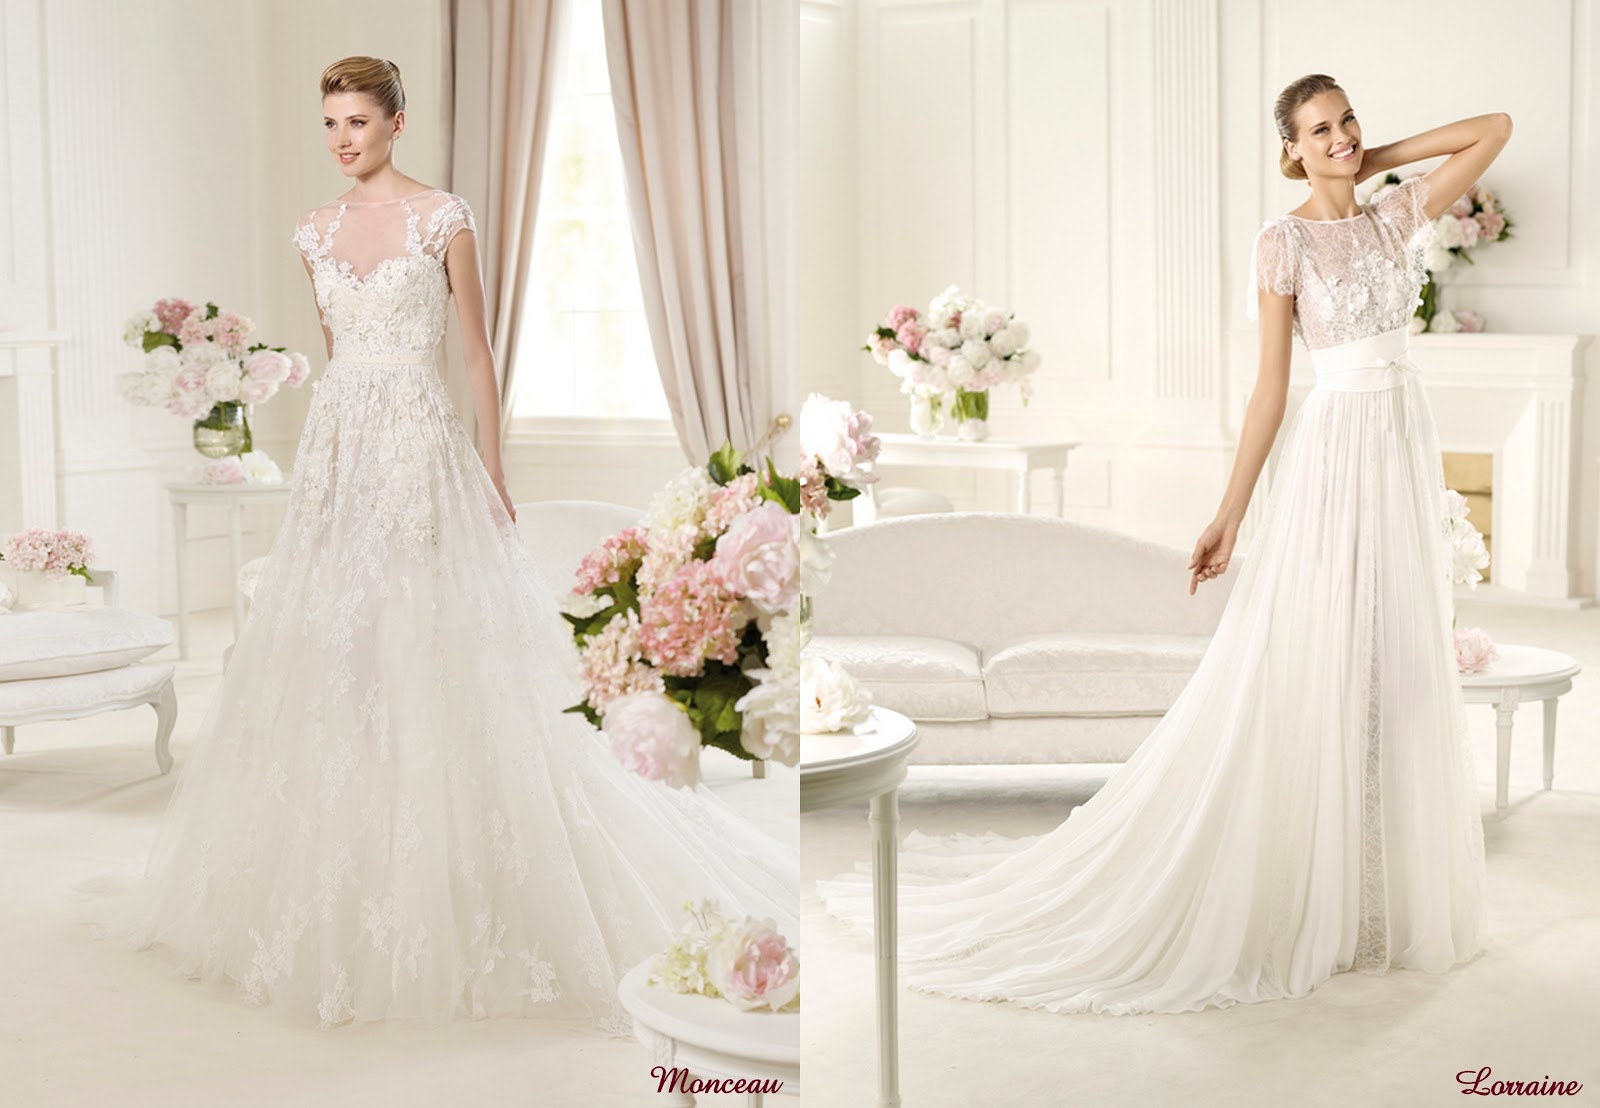 elie by elie saab bridal spring elie saab wedding dress Elie by Elie Saab Bridal Spring